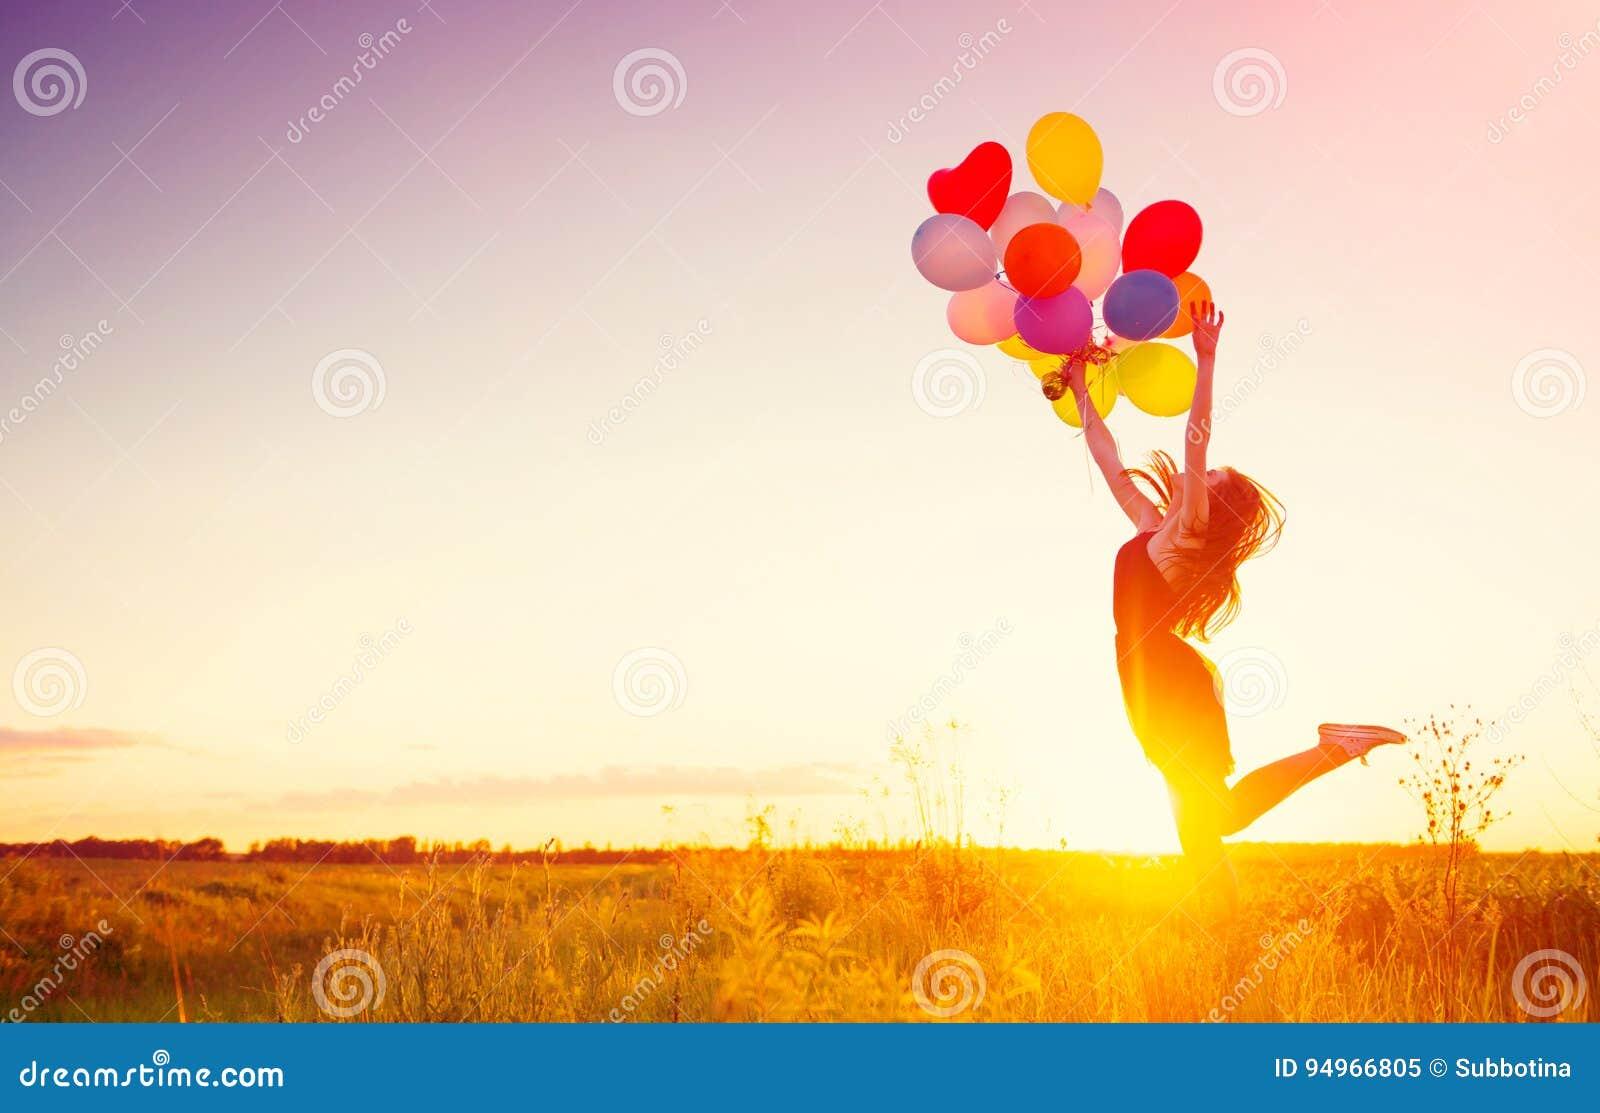 Fille de beauté avec les ballons à air colorés au-dessus du ciel de coucher du soleil